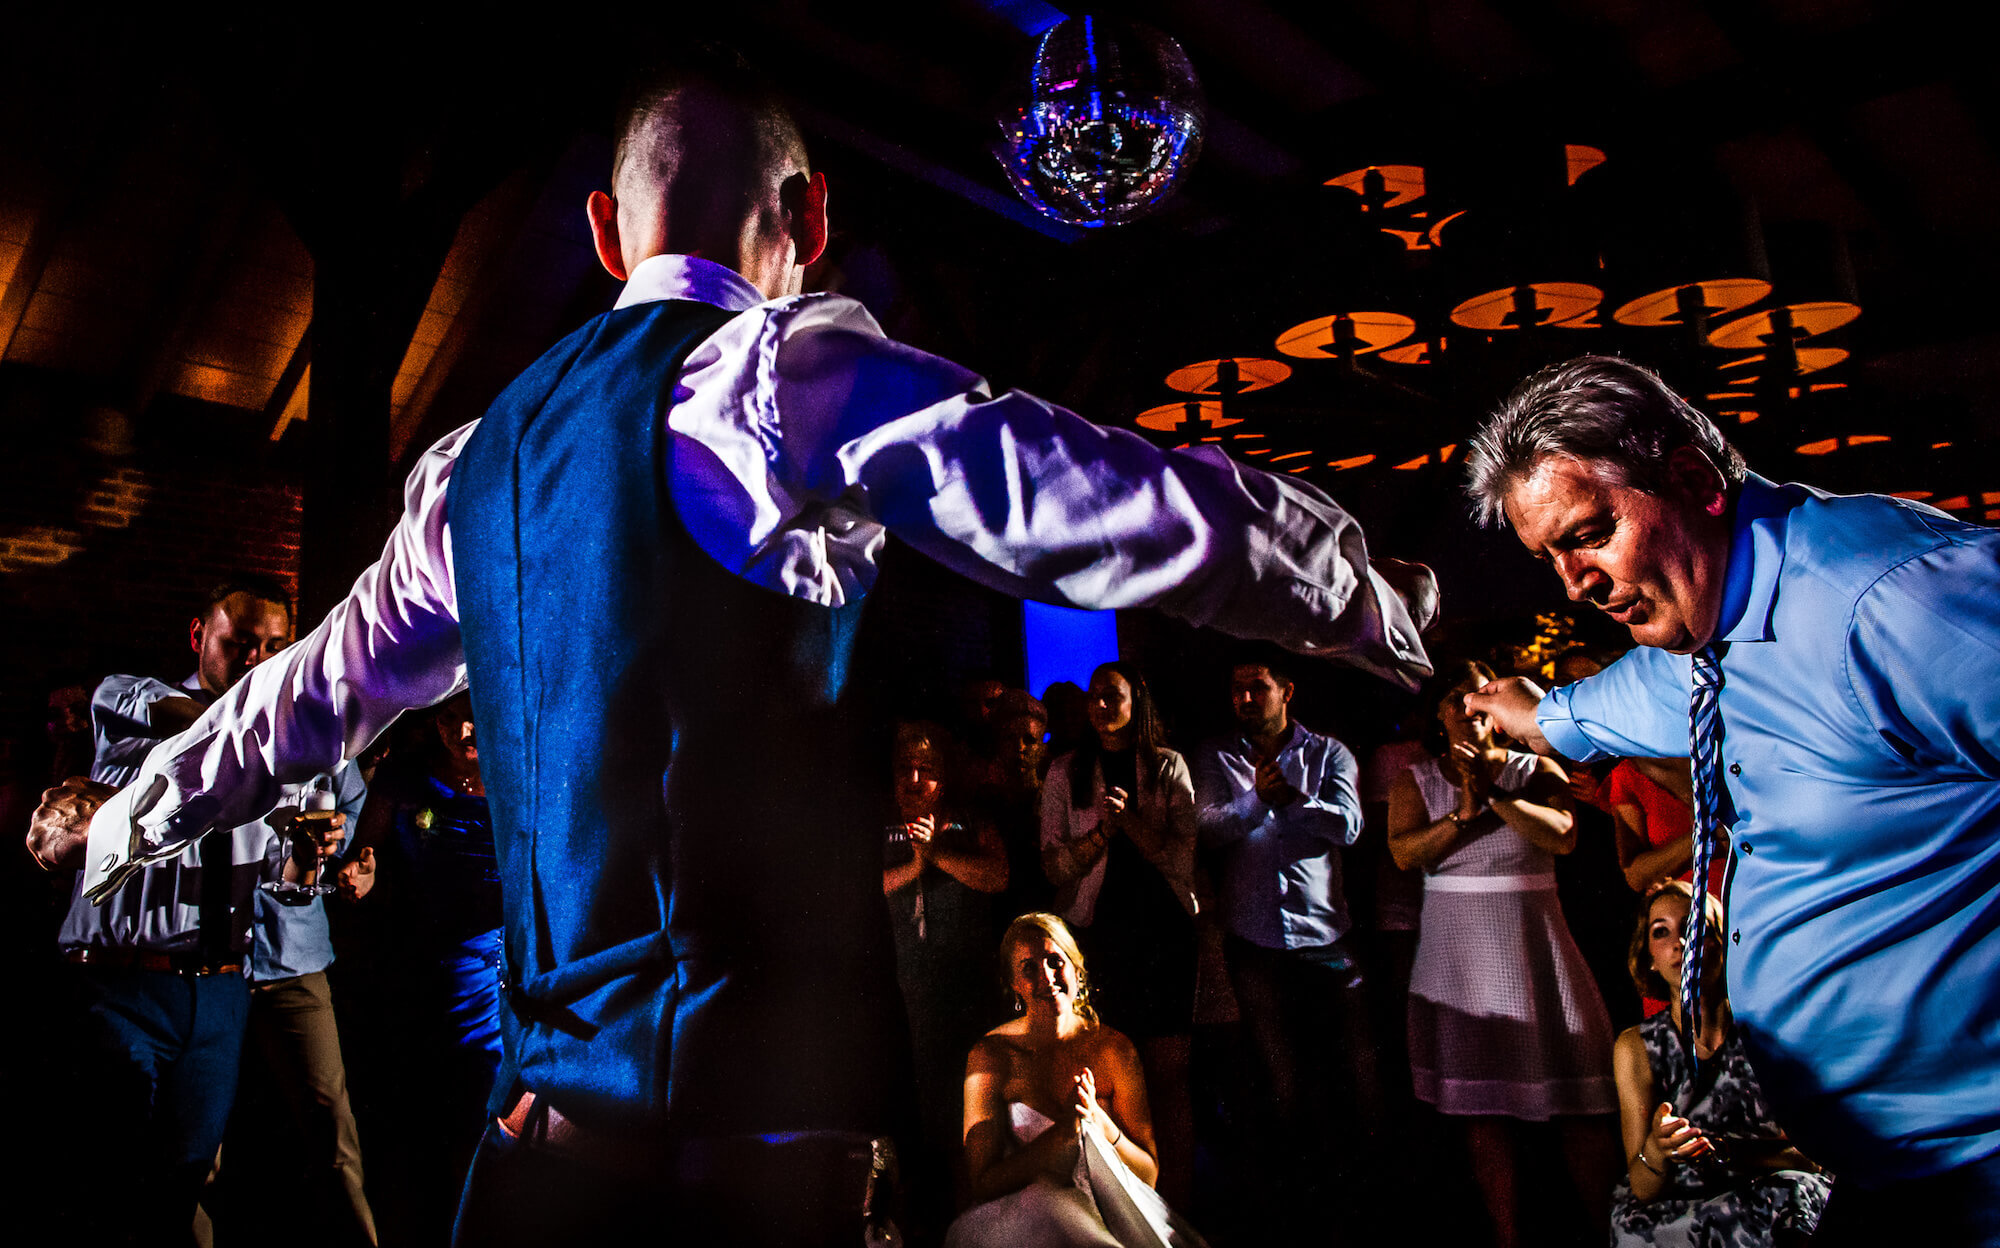 griekse-bruiloft-trouwfotograaf-utrecht-58.jpg